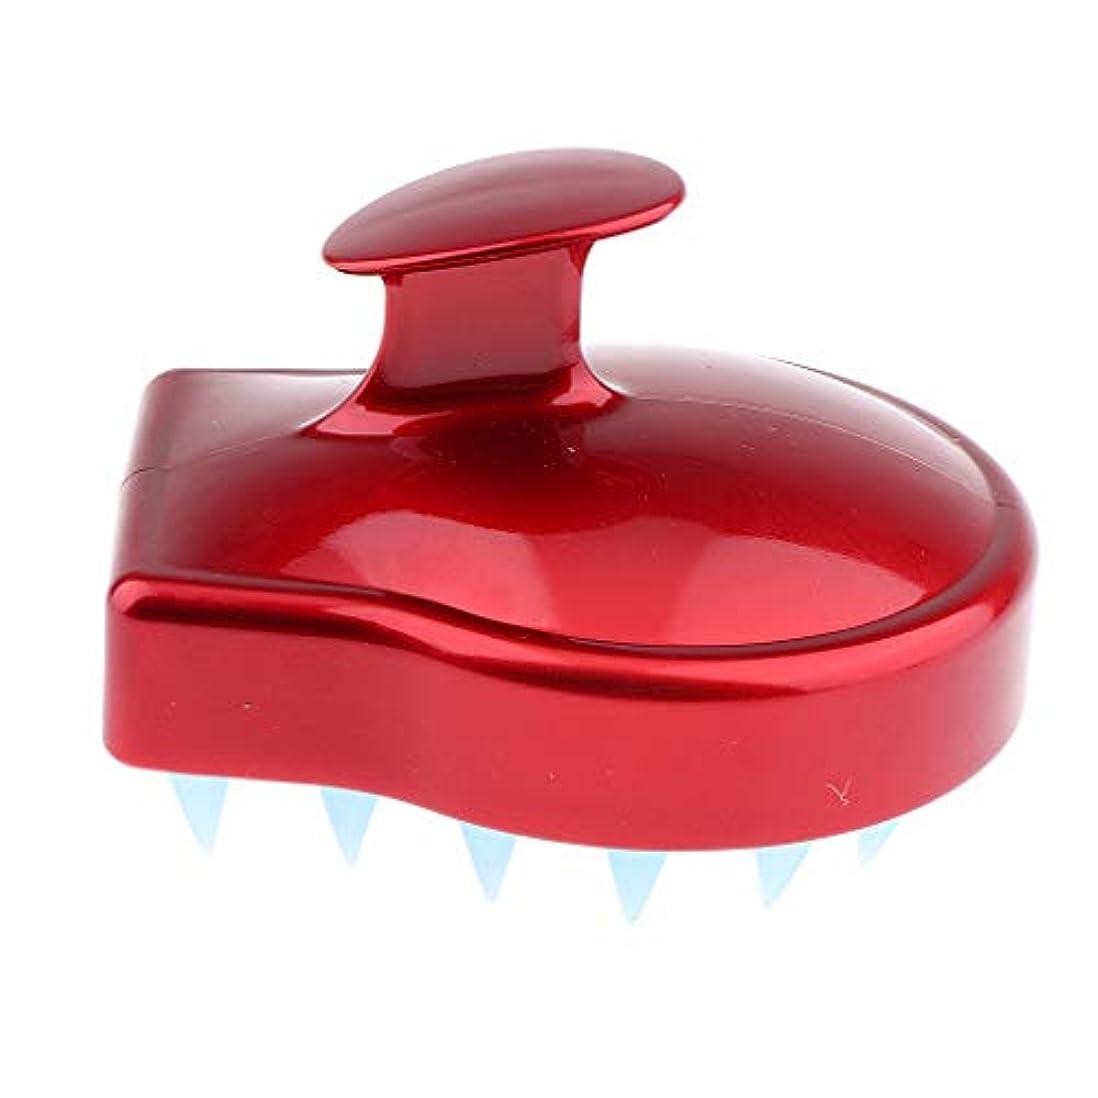 ビットはっきりしないさせる洗髪ブラシ シャンプーシャワーブラシ ソフトシリコン 頭皮マッサージ 赤い